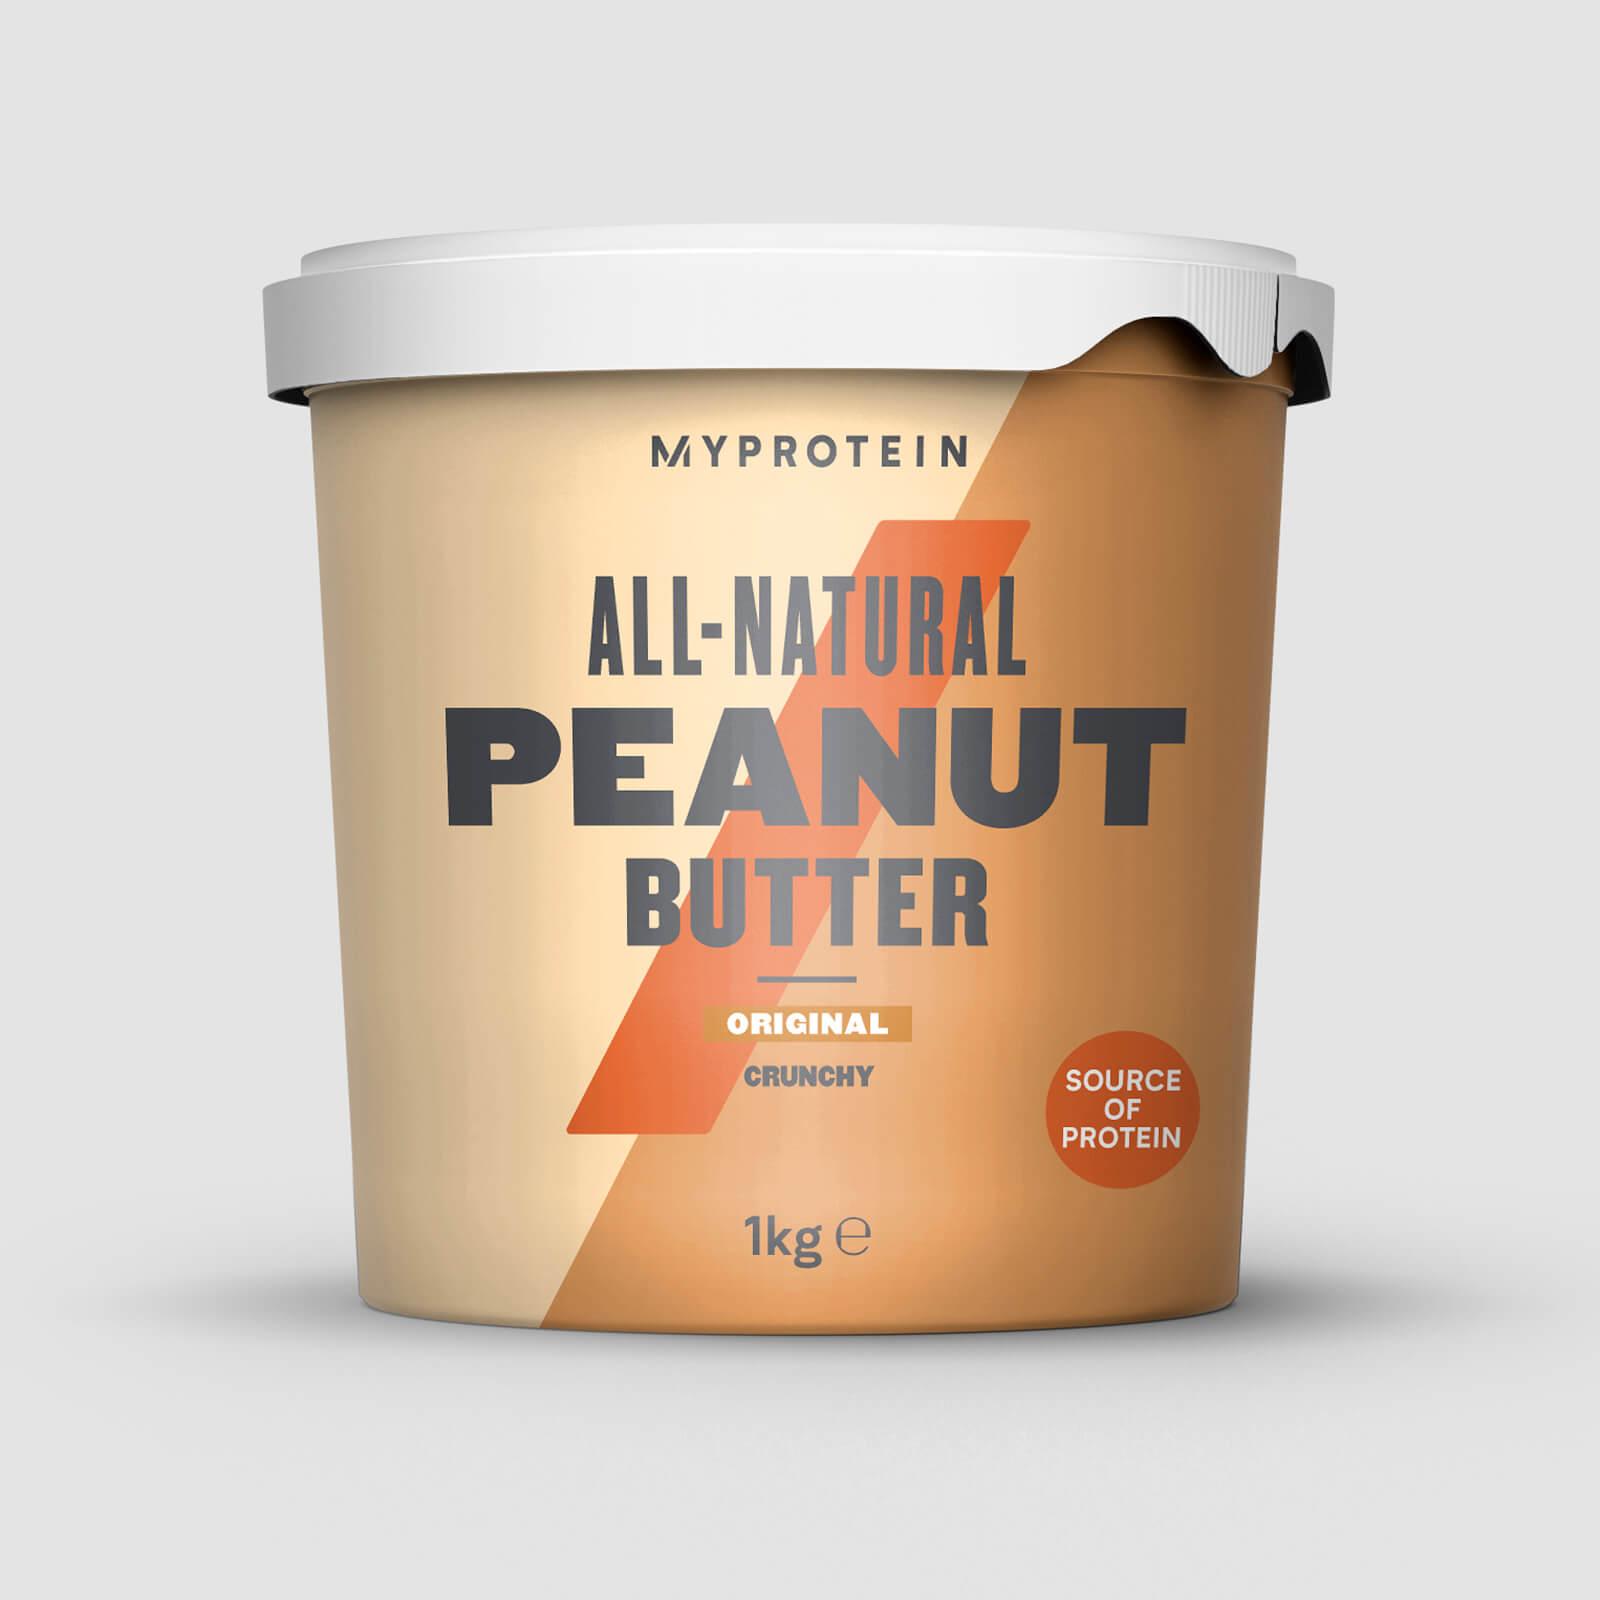 Beurre de cacahuètes - 1kg - Nature - Croustillant